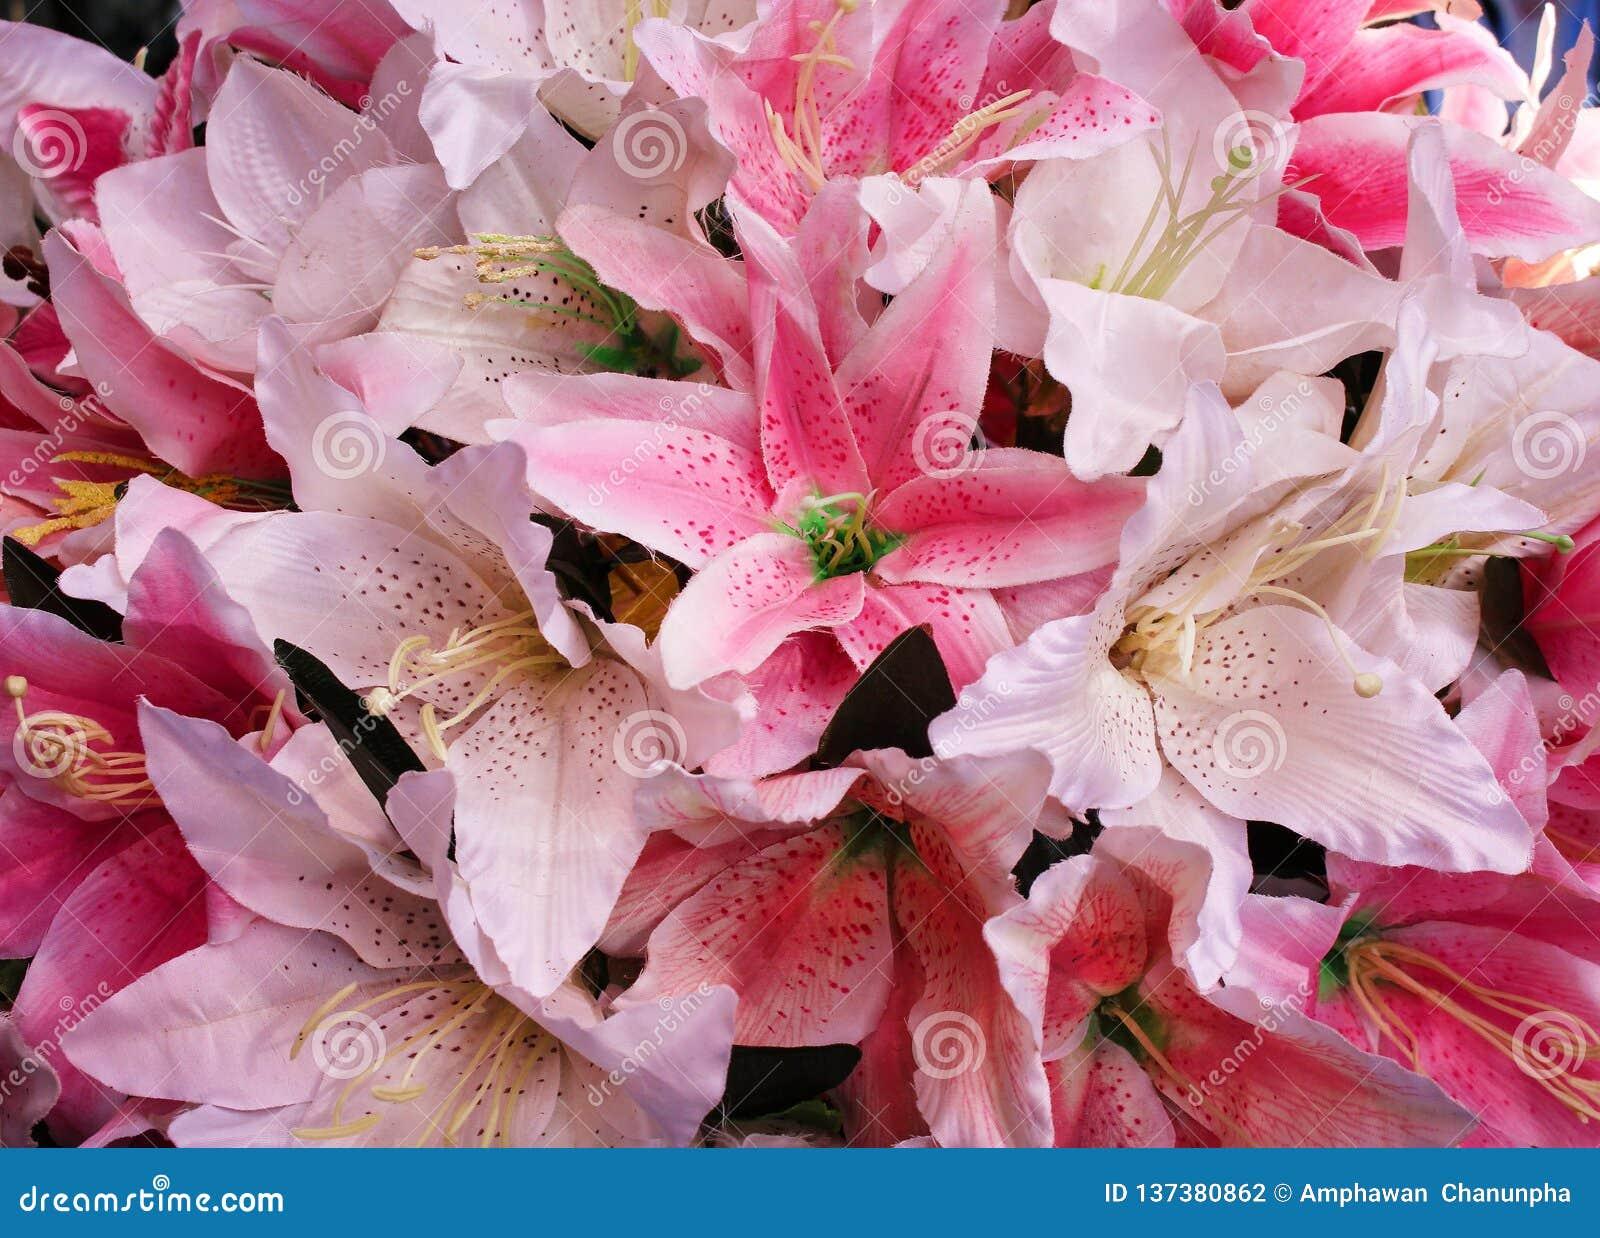 Textura floreciente colorida del modelo del rosa y blanco lilly de la tela de las flores del grupo para el fondo